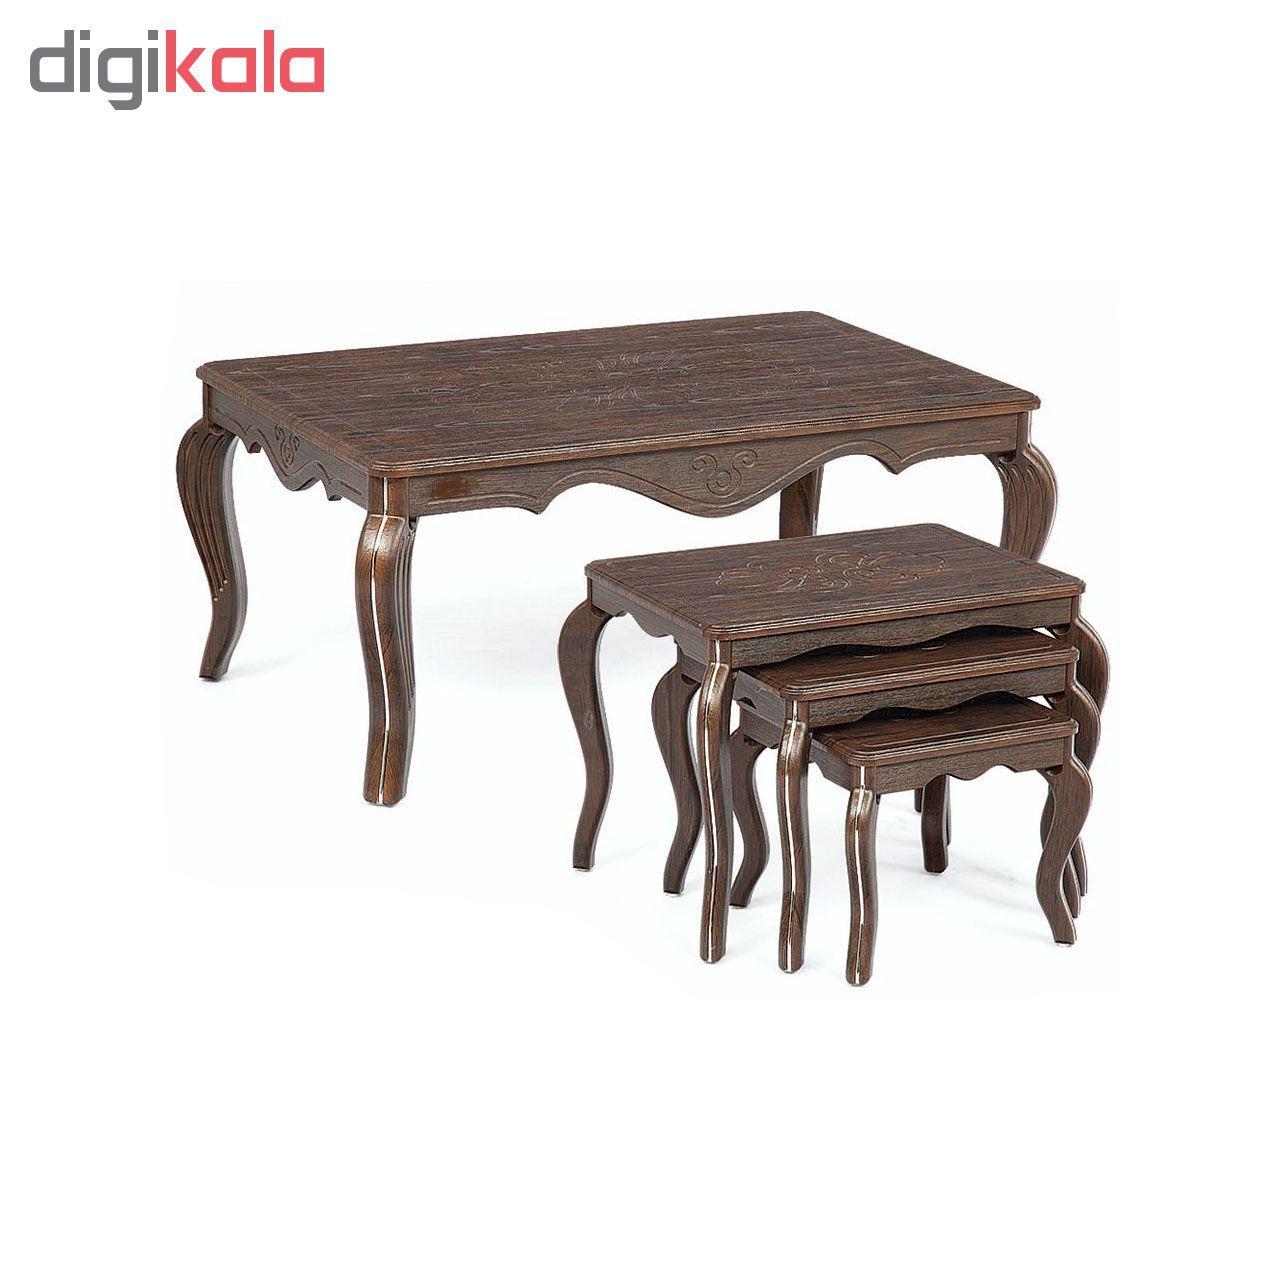 میز جلو مبلی  نگین مدل classic 010 به همراه میز عسلی مجموعه 4عددی  main 1 1